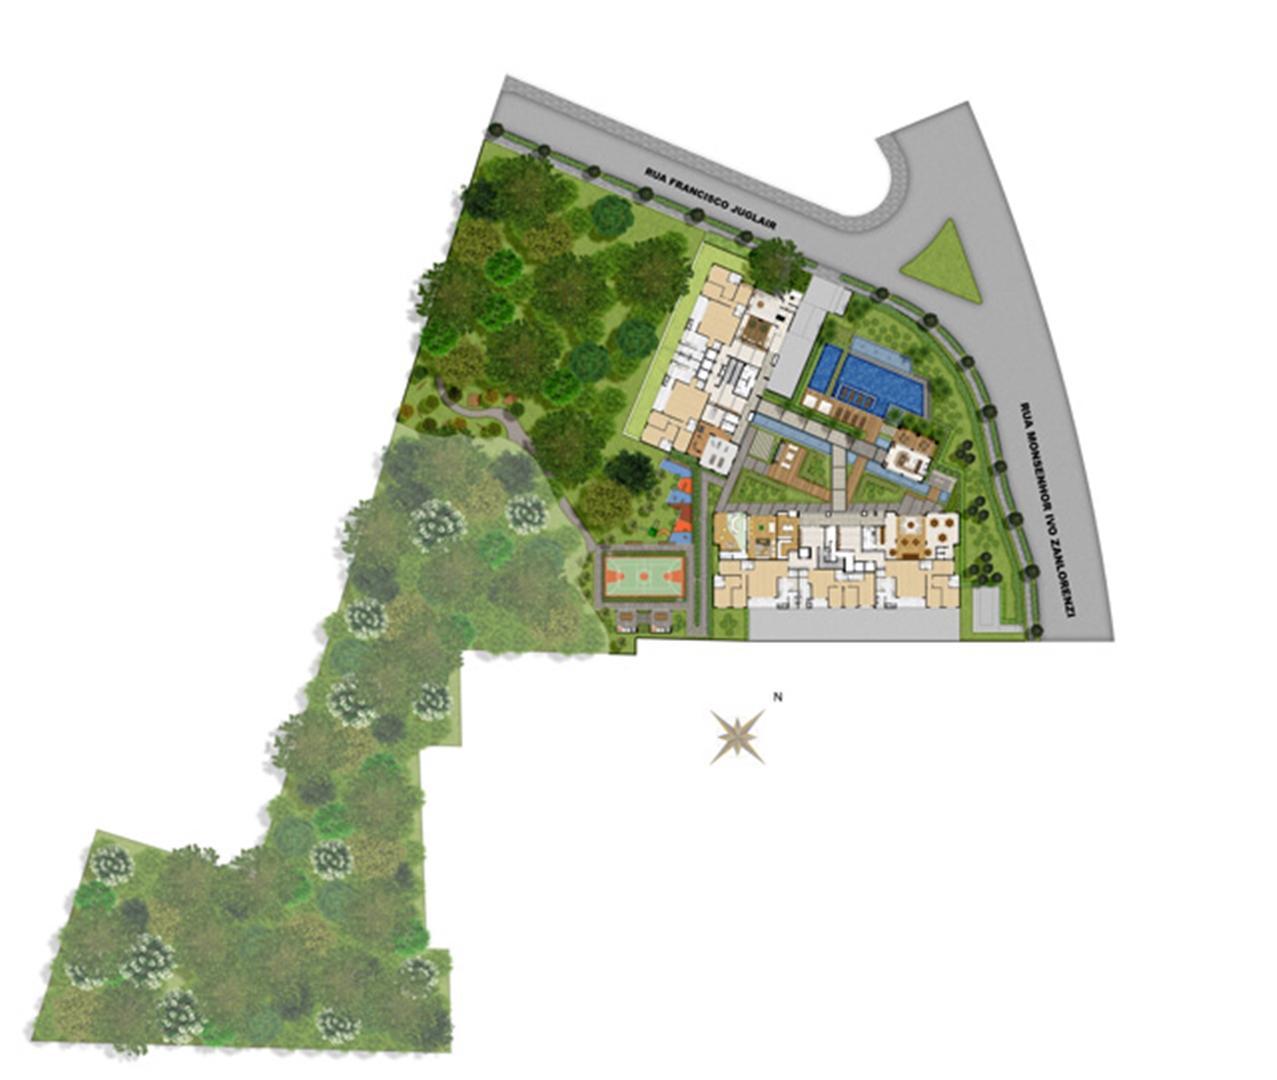 Perspectiva ilustrada da implantação | Reserva Juglair Ecoville – Apartamento no  Ecoville - Curitiba - Paraná